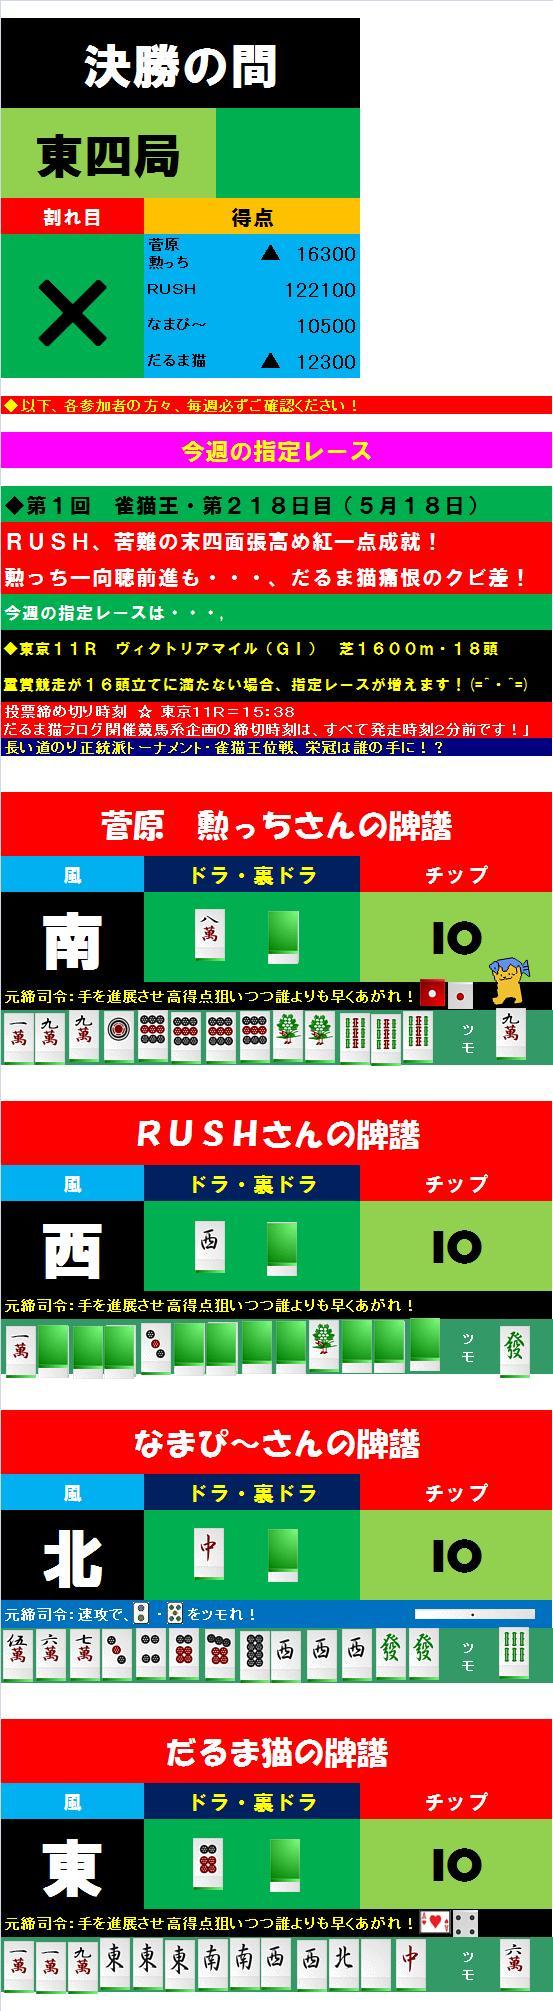 20140512・決勝牌譜ブラインド.jpg